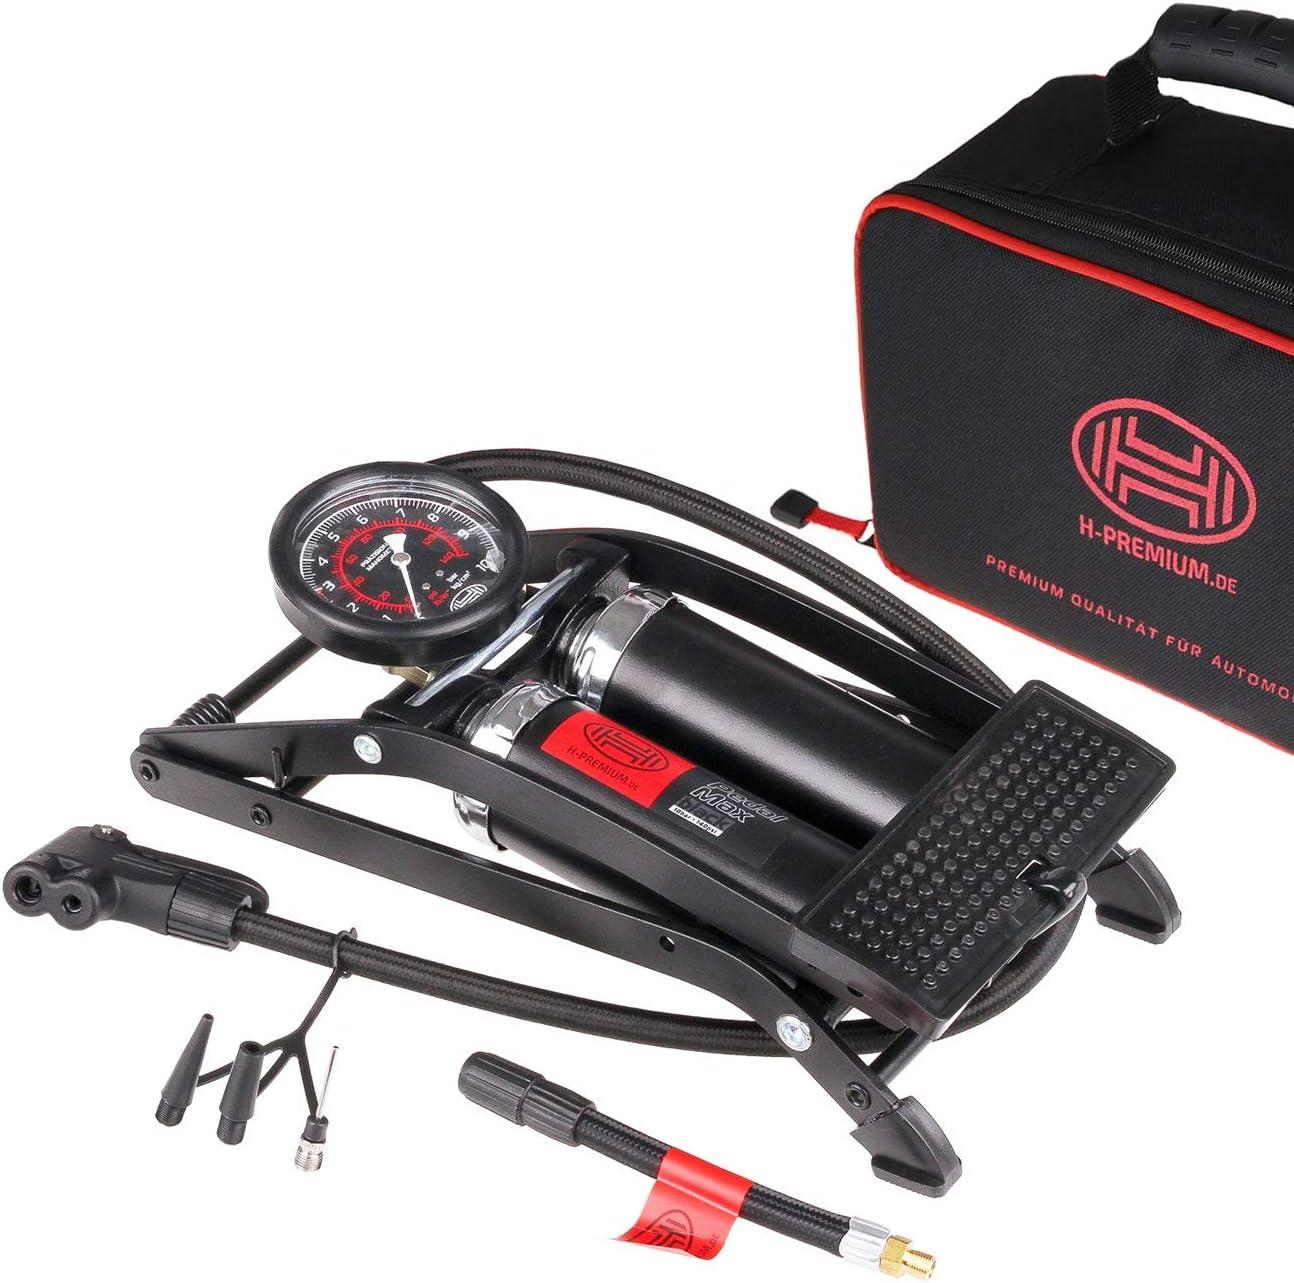 Double Barrel Foot Air Pump Heyner Premium With Manometer 10 Bar 140PSI Pedalmax